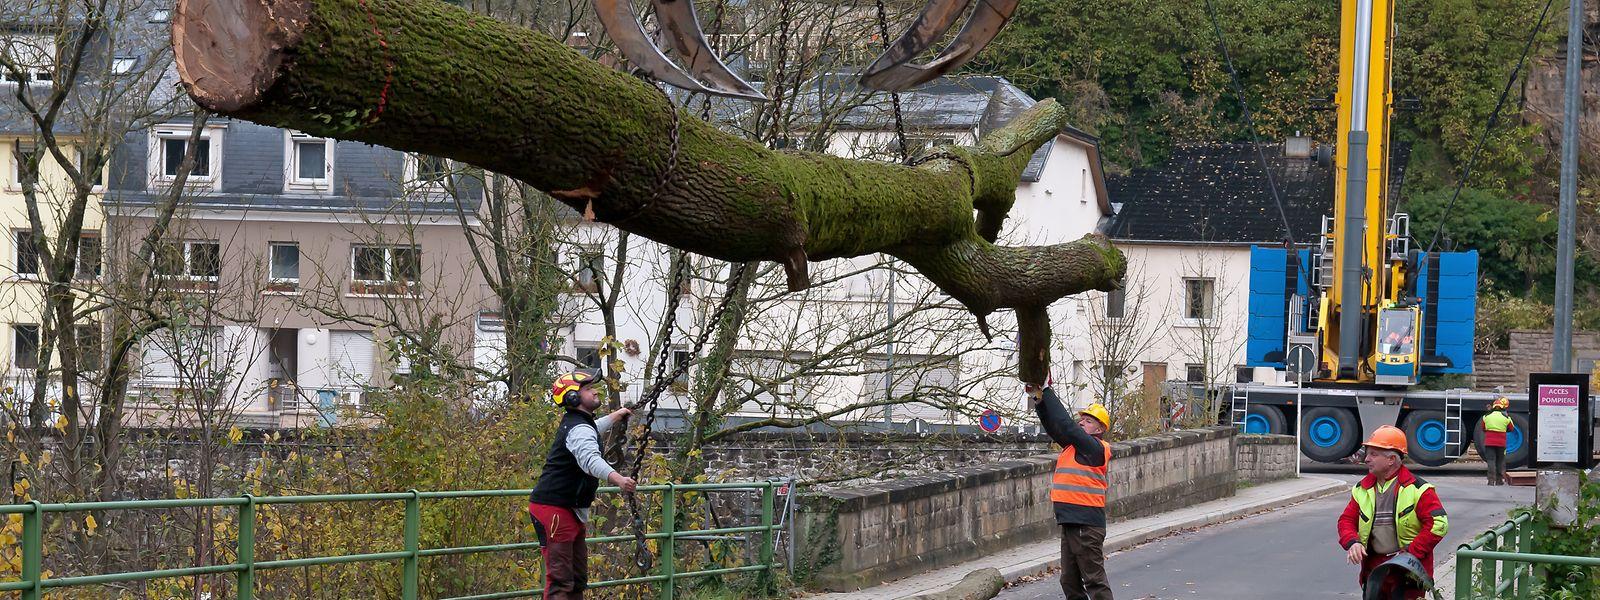 Mit Kränen wurden die risikobehafteten Bäume gesichert und nach dem Fällen evakuiert.